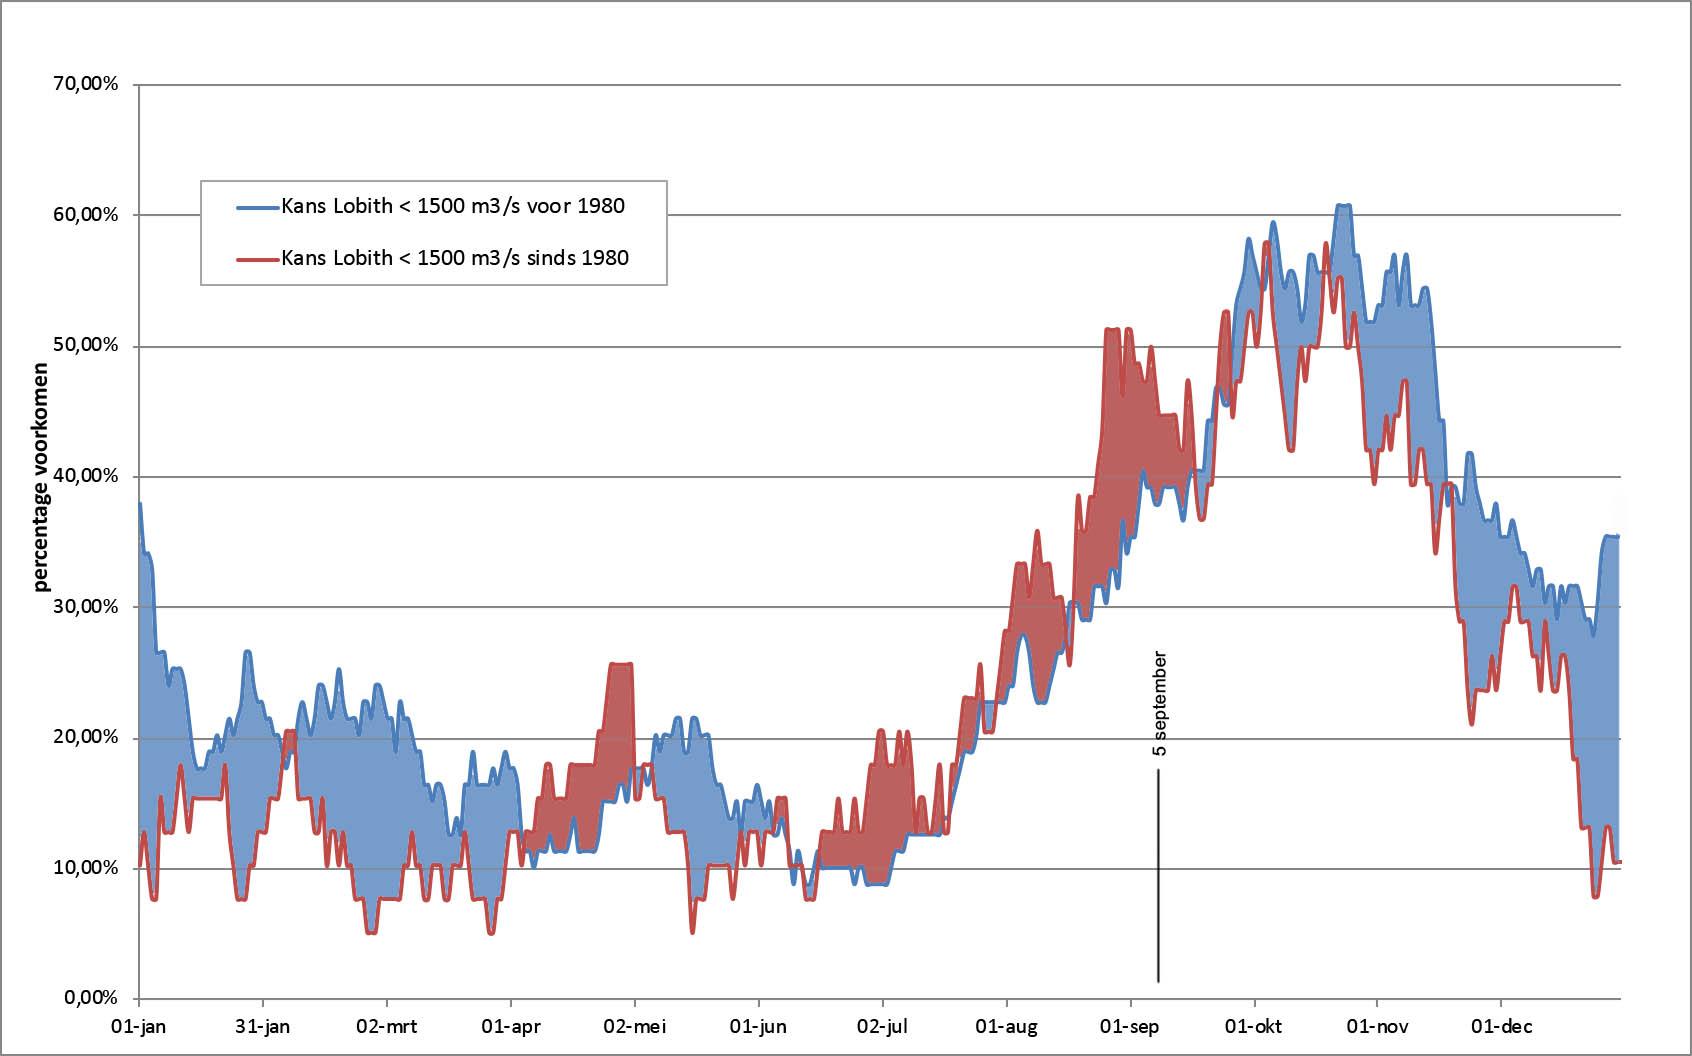 Kans op afvoer < 1500 m3/s voor en na de periode van klimaatverandering